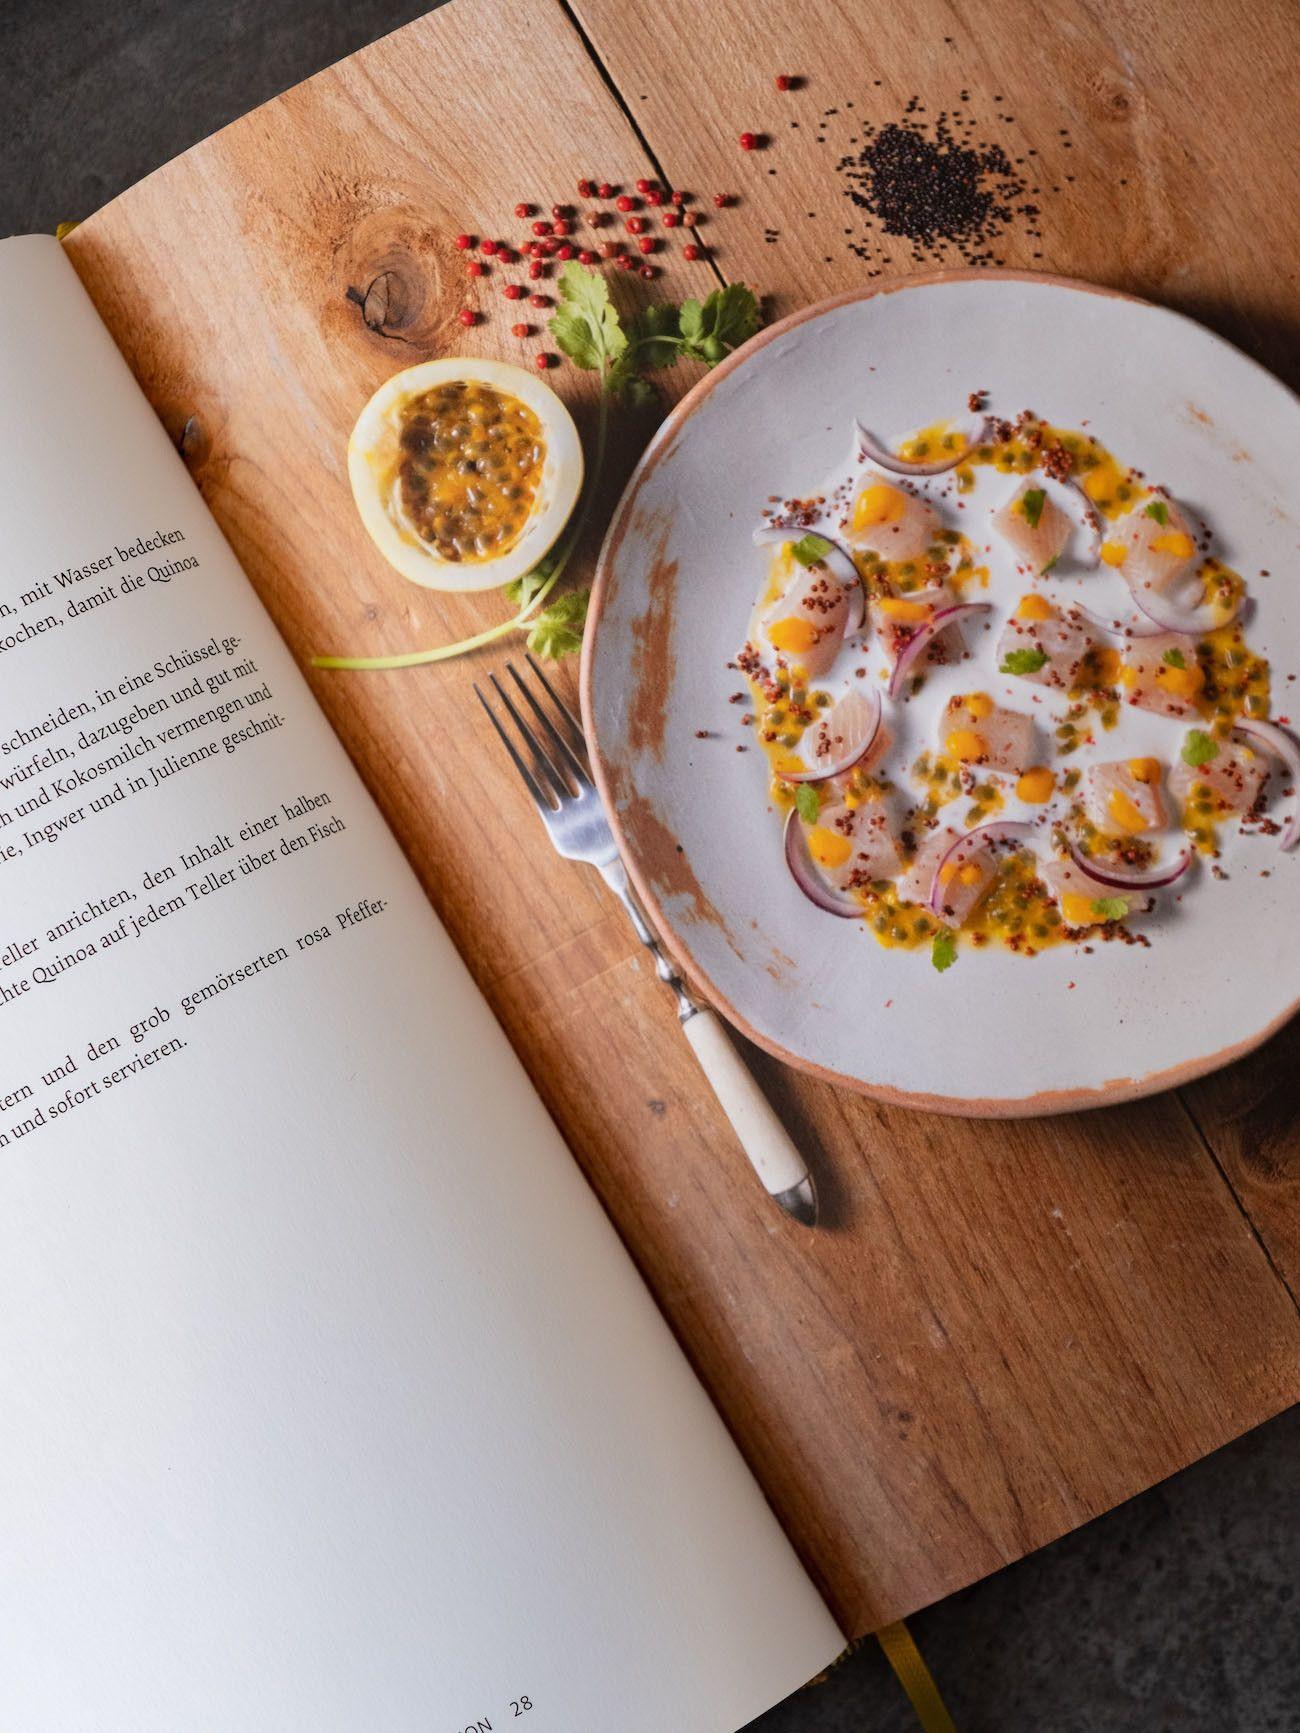 Foodblog, About Fuel, CEVICHE Das Kochbuch, Juan Danilo, Ceviche Rezept, Kochbuch